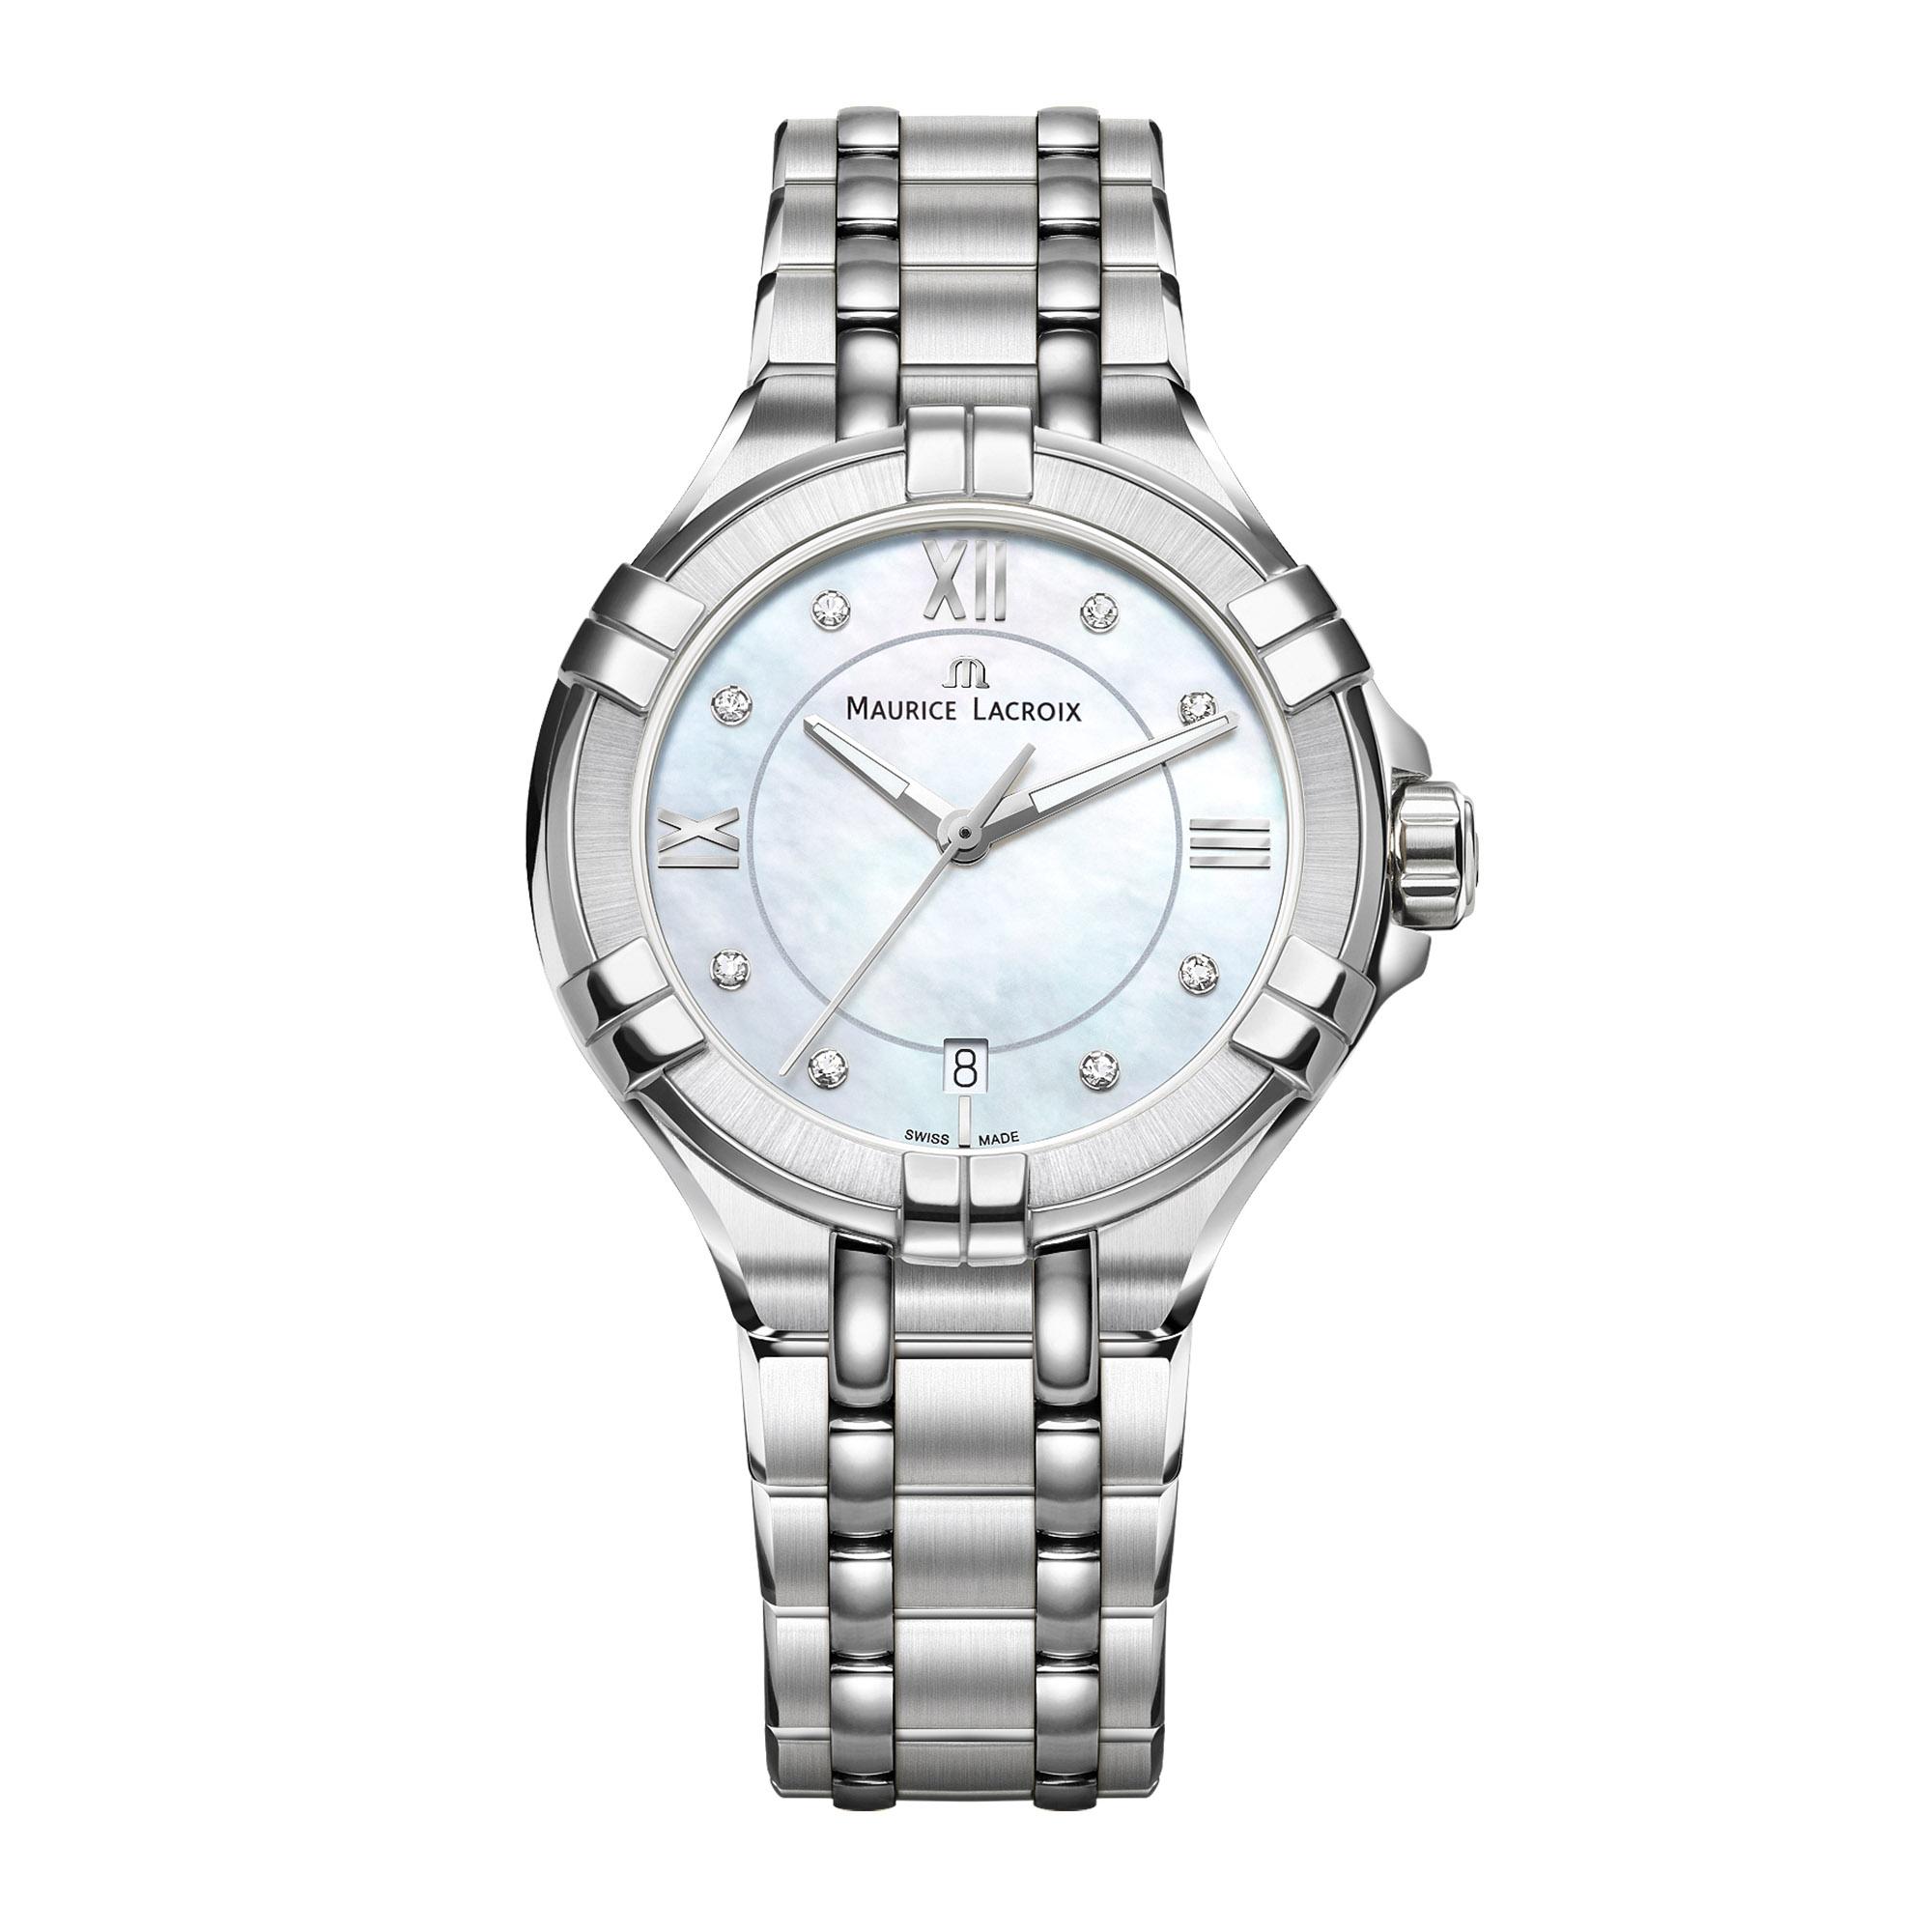 Maurice Lacroix Uhr Diamant Aikon Ladies Ai1006 Ss002 170 1